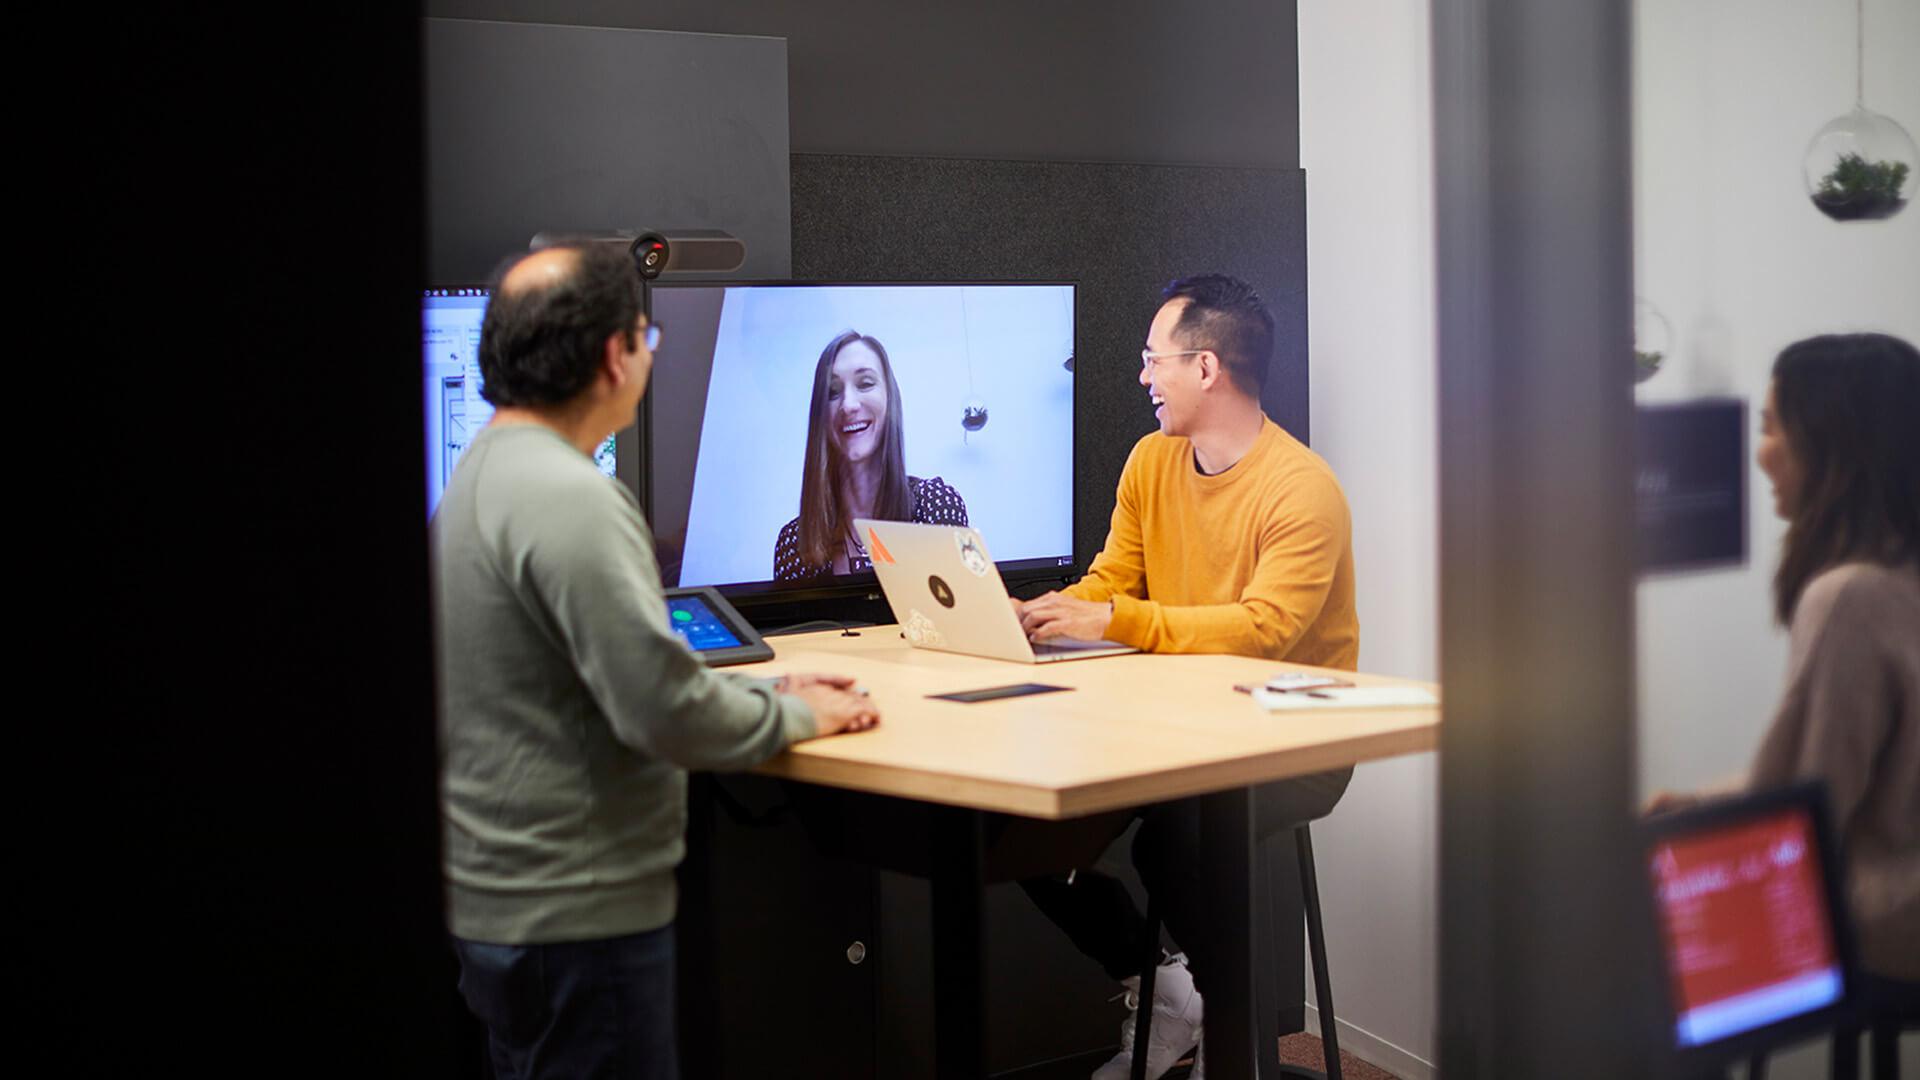 Membres de l'équipe en vidéoconférence